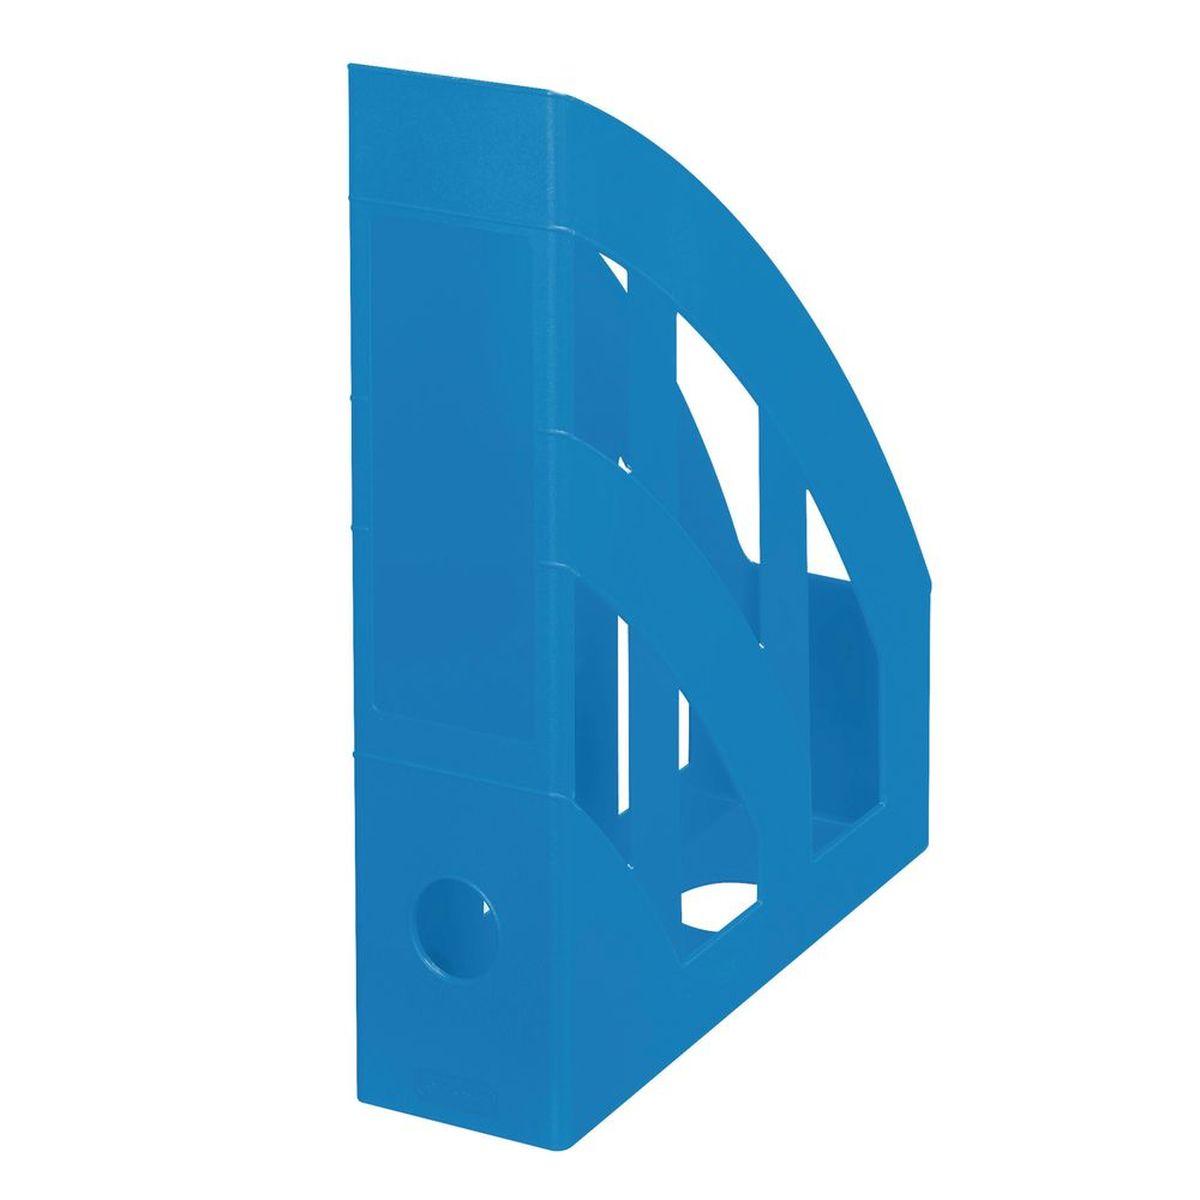 Herlitz Подставка для документов Накопитель вертикальный для бумаг Classic формат А4 цвет синийHA16110/76Накопитель вертикальный, для бумаг Classic. Изготовлен из пластика. Цвет синий. Формат А4. Круглый слот на задней стенке.